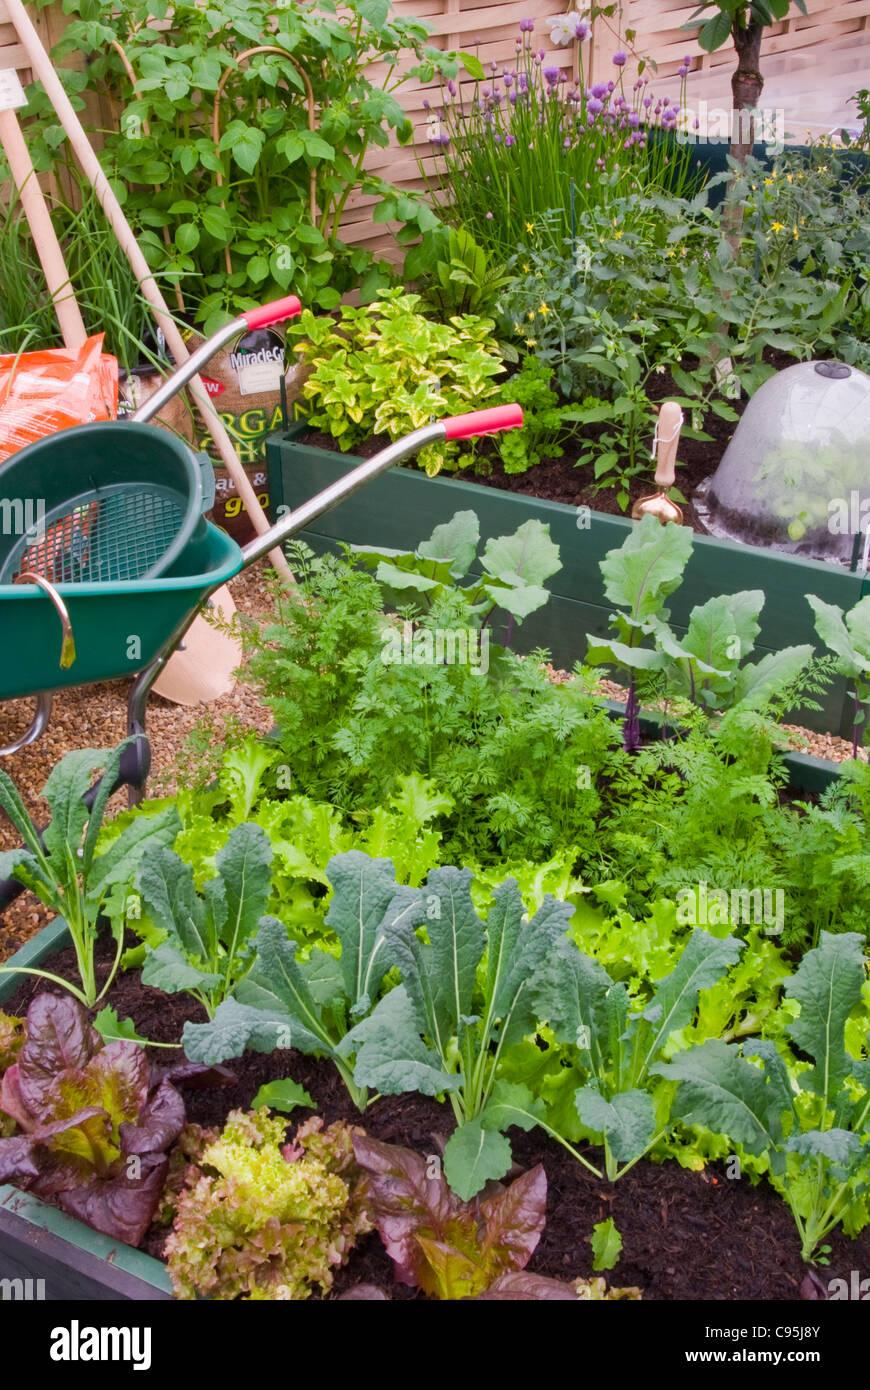 Vegetable Garden Garten Haus Mit Schubkarre Cloche Kaltrahmen